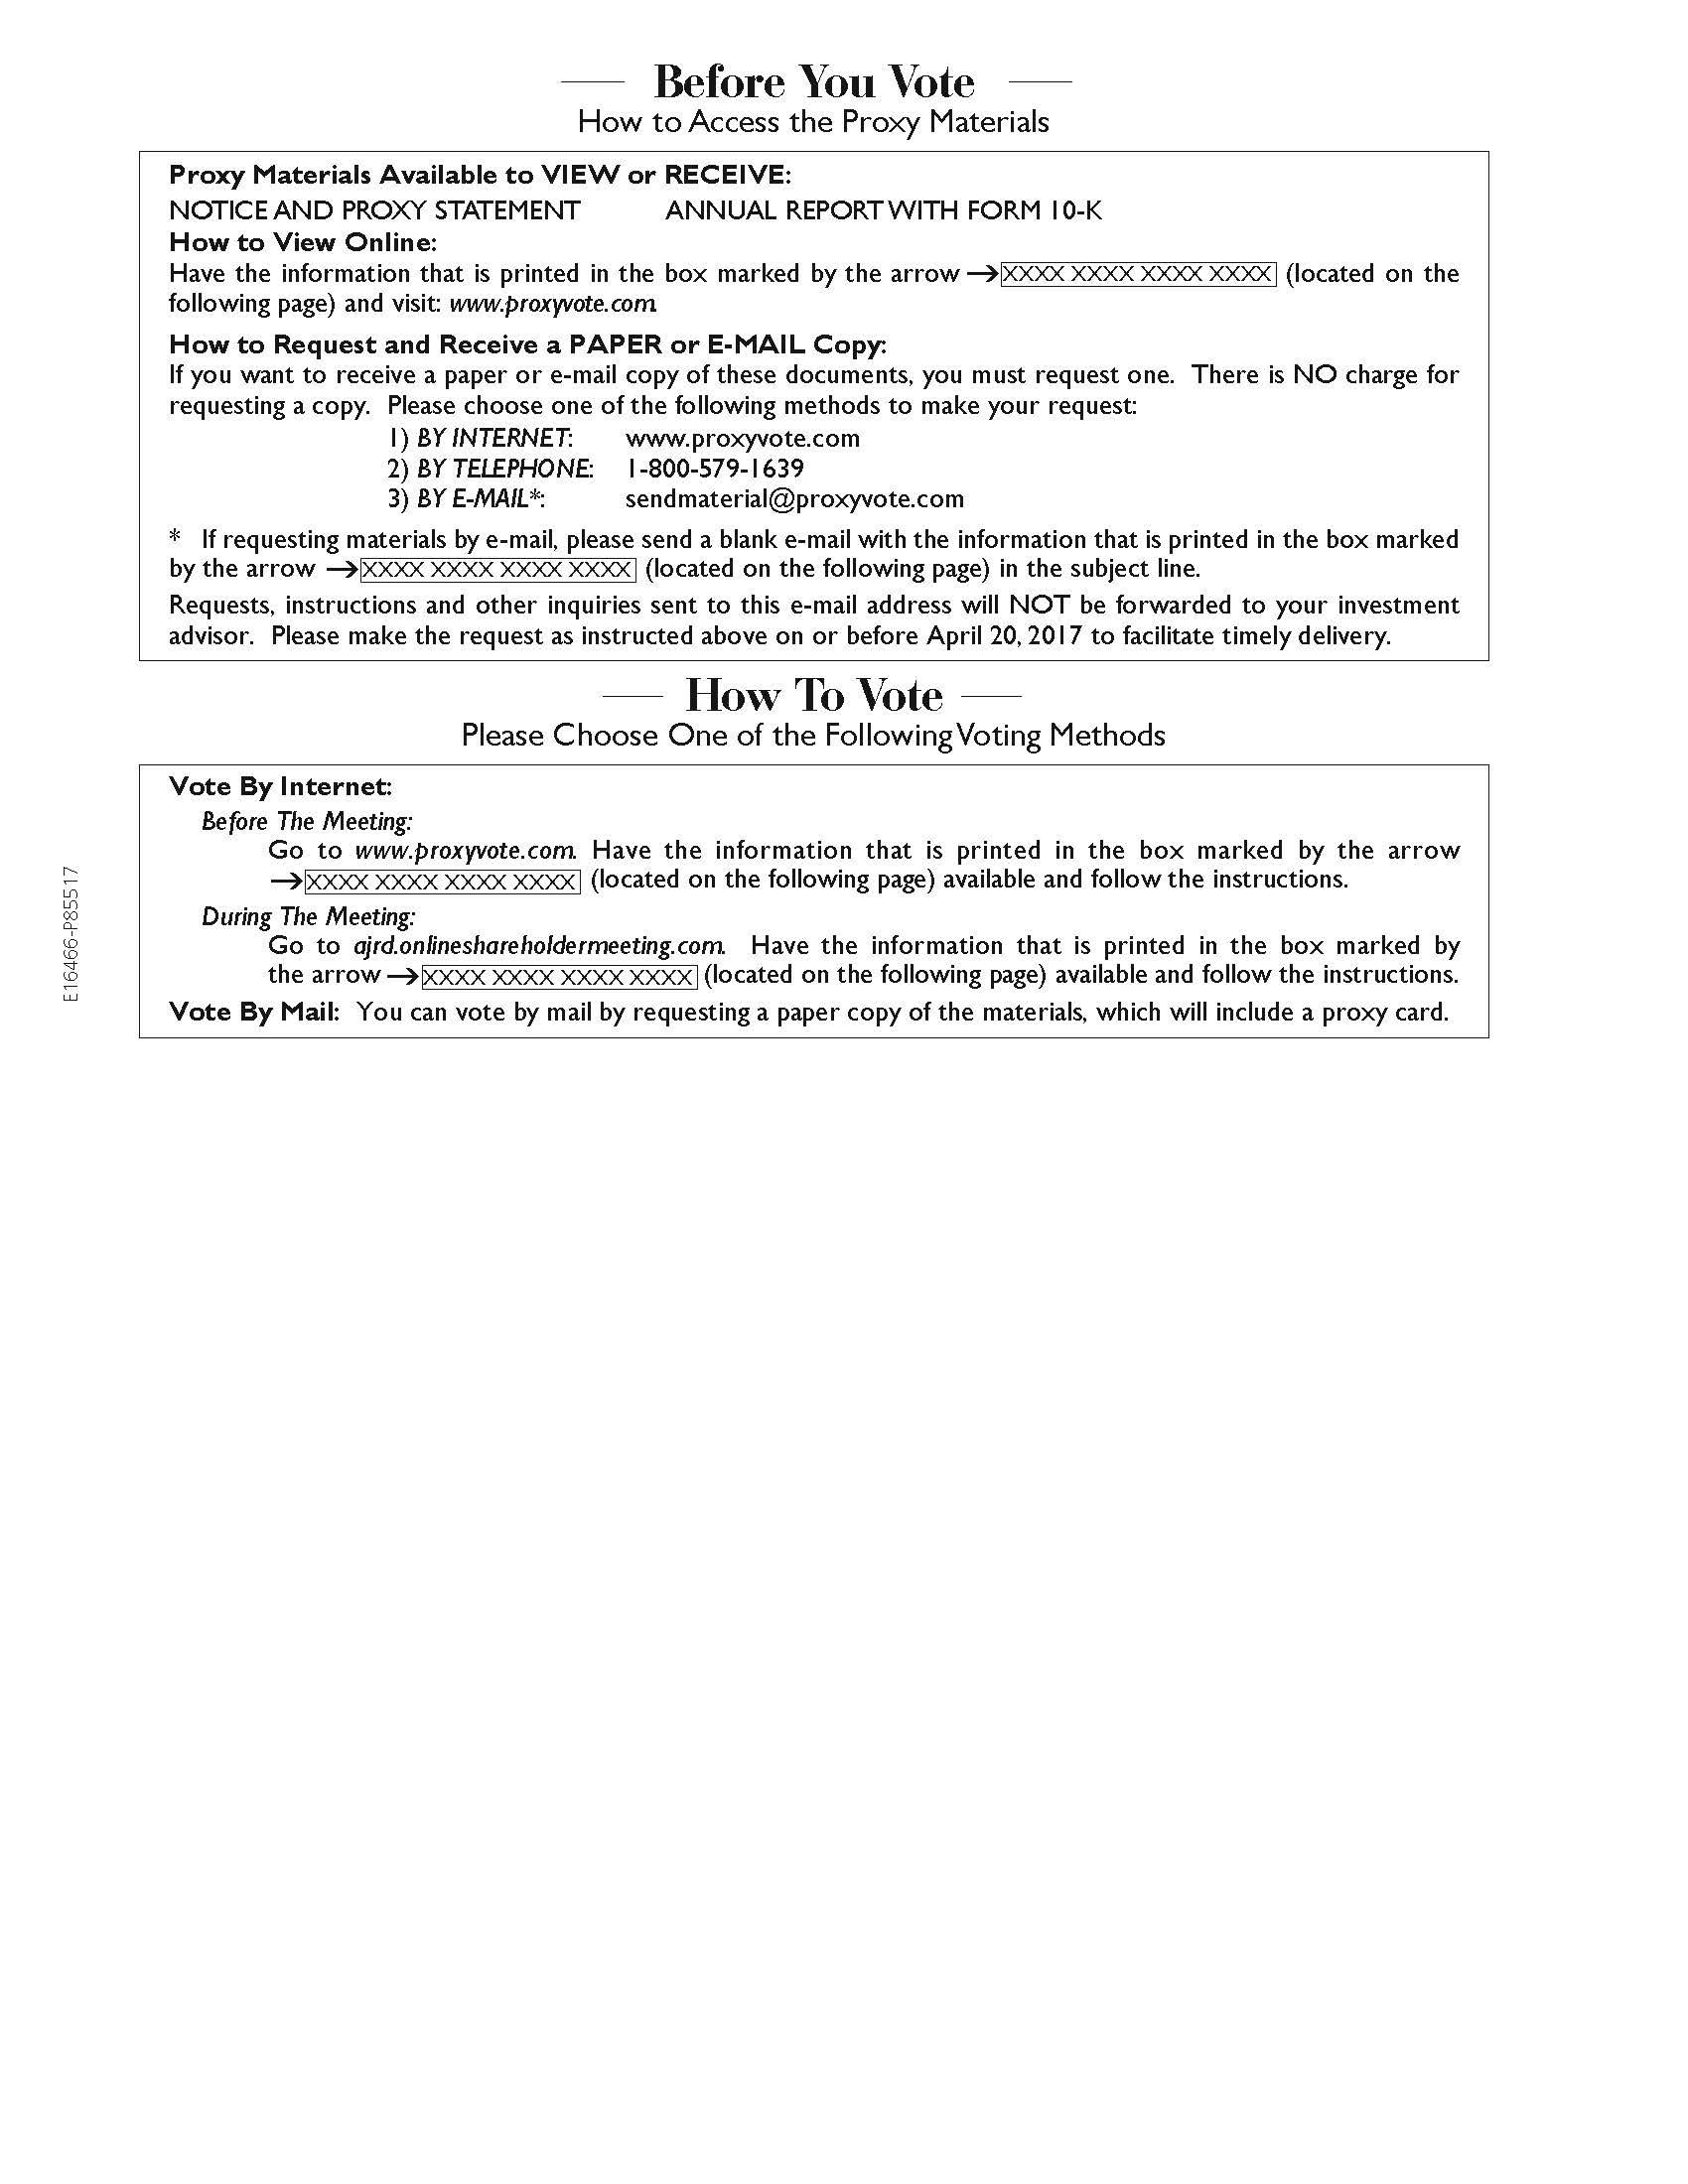 AEROJETROCKETDYNEHOLDINGS01.JPG